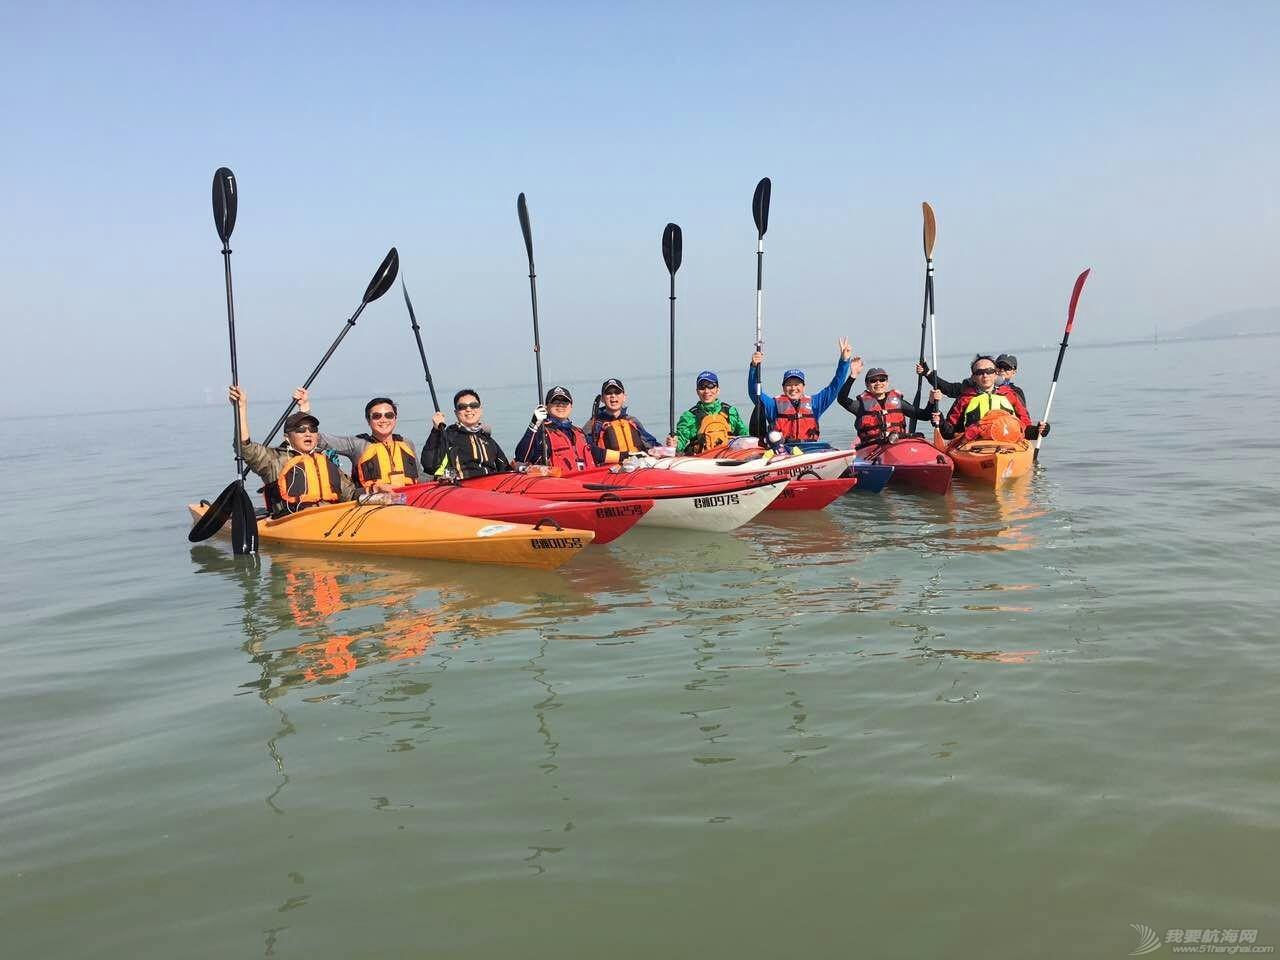 皮划艇,无锡,太湖 无锡君雅皮划艇22人同时穿越太湖贡湖湾 mmexport1456571636605.jpg